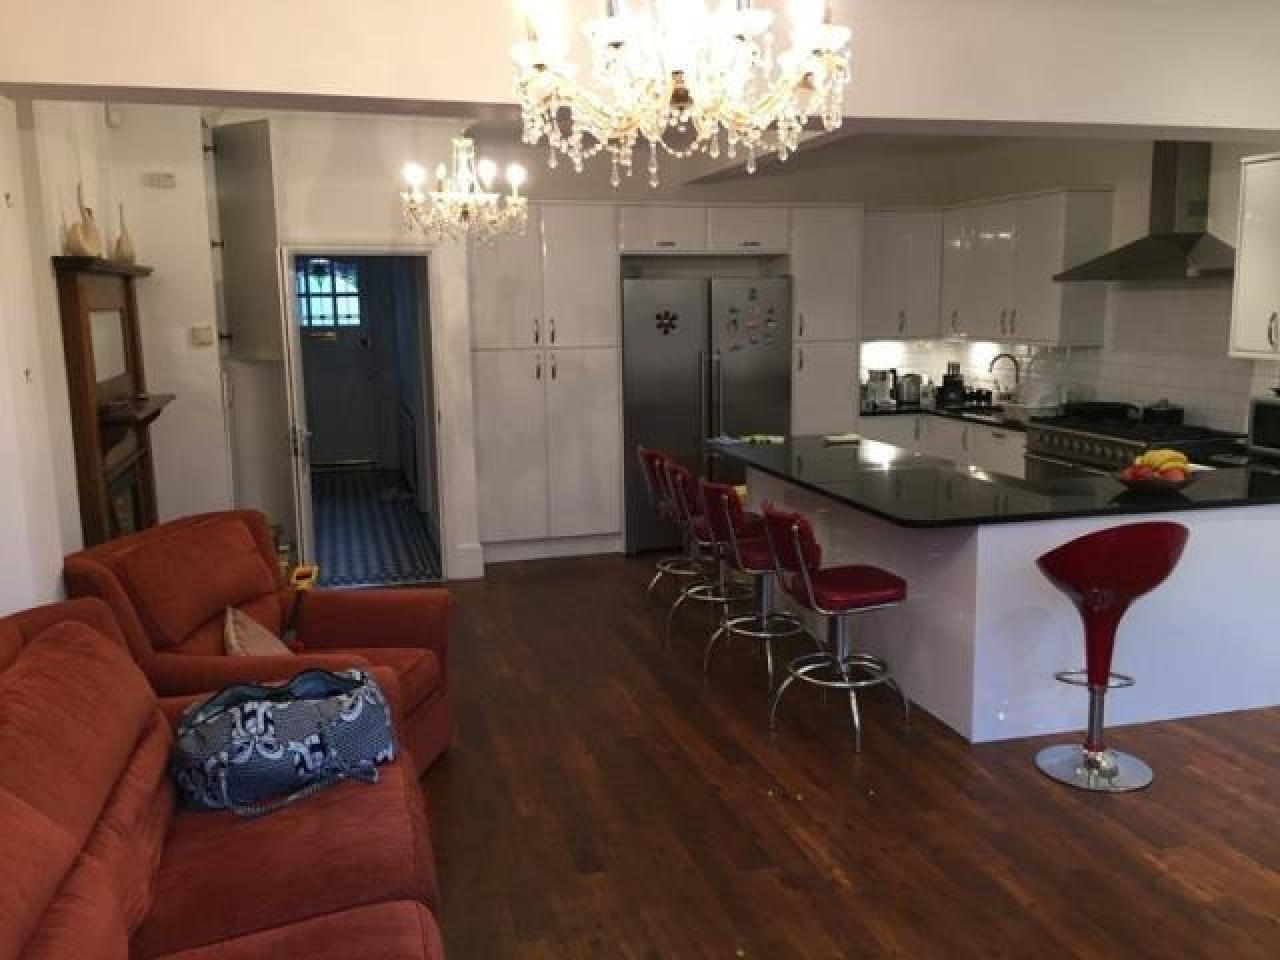 Сдаётся single комната в недавно отремонтированном, малонаселённом доме на севере Londona - 1